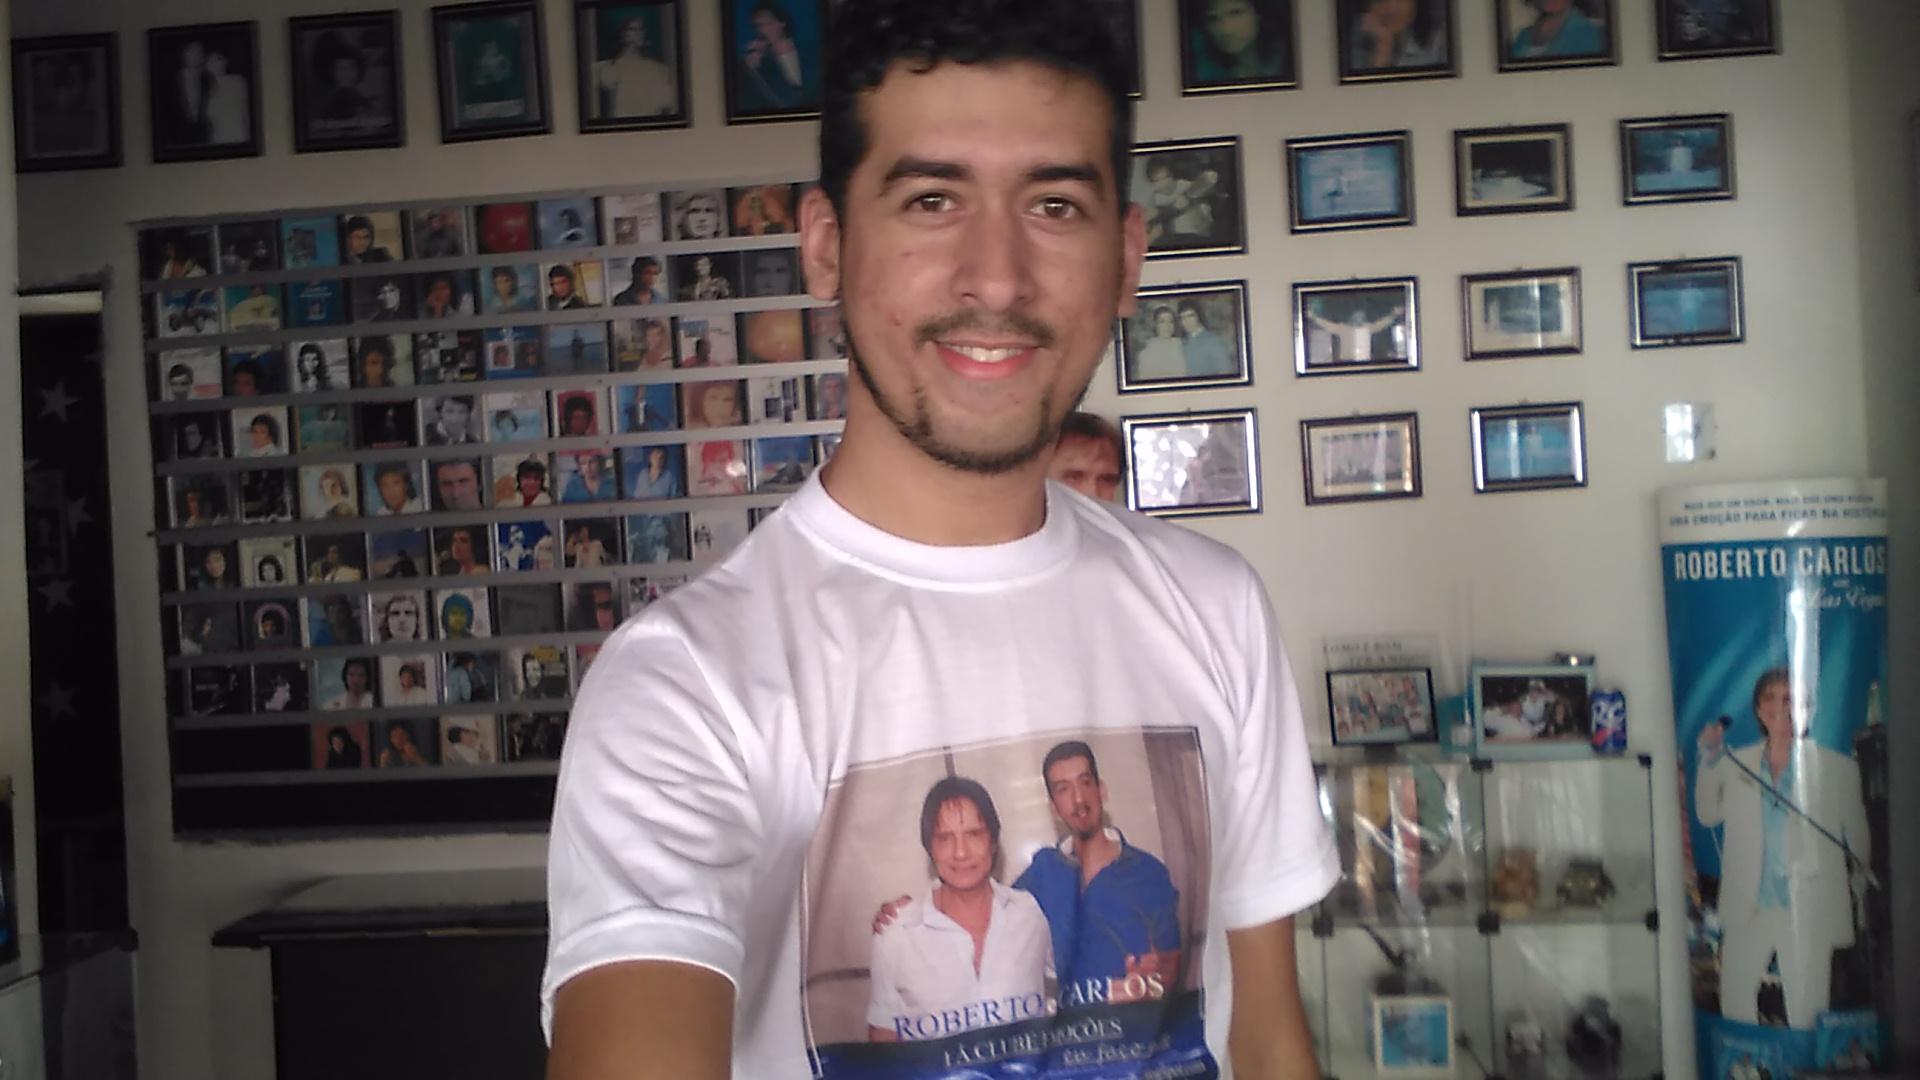 Carlos - Grande emoção em um só canto a do rei Roberto Carlos